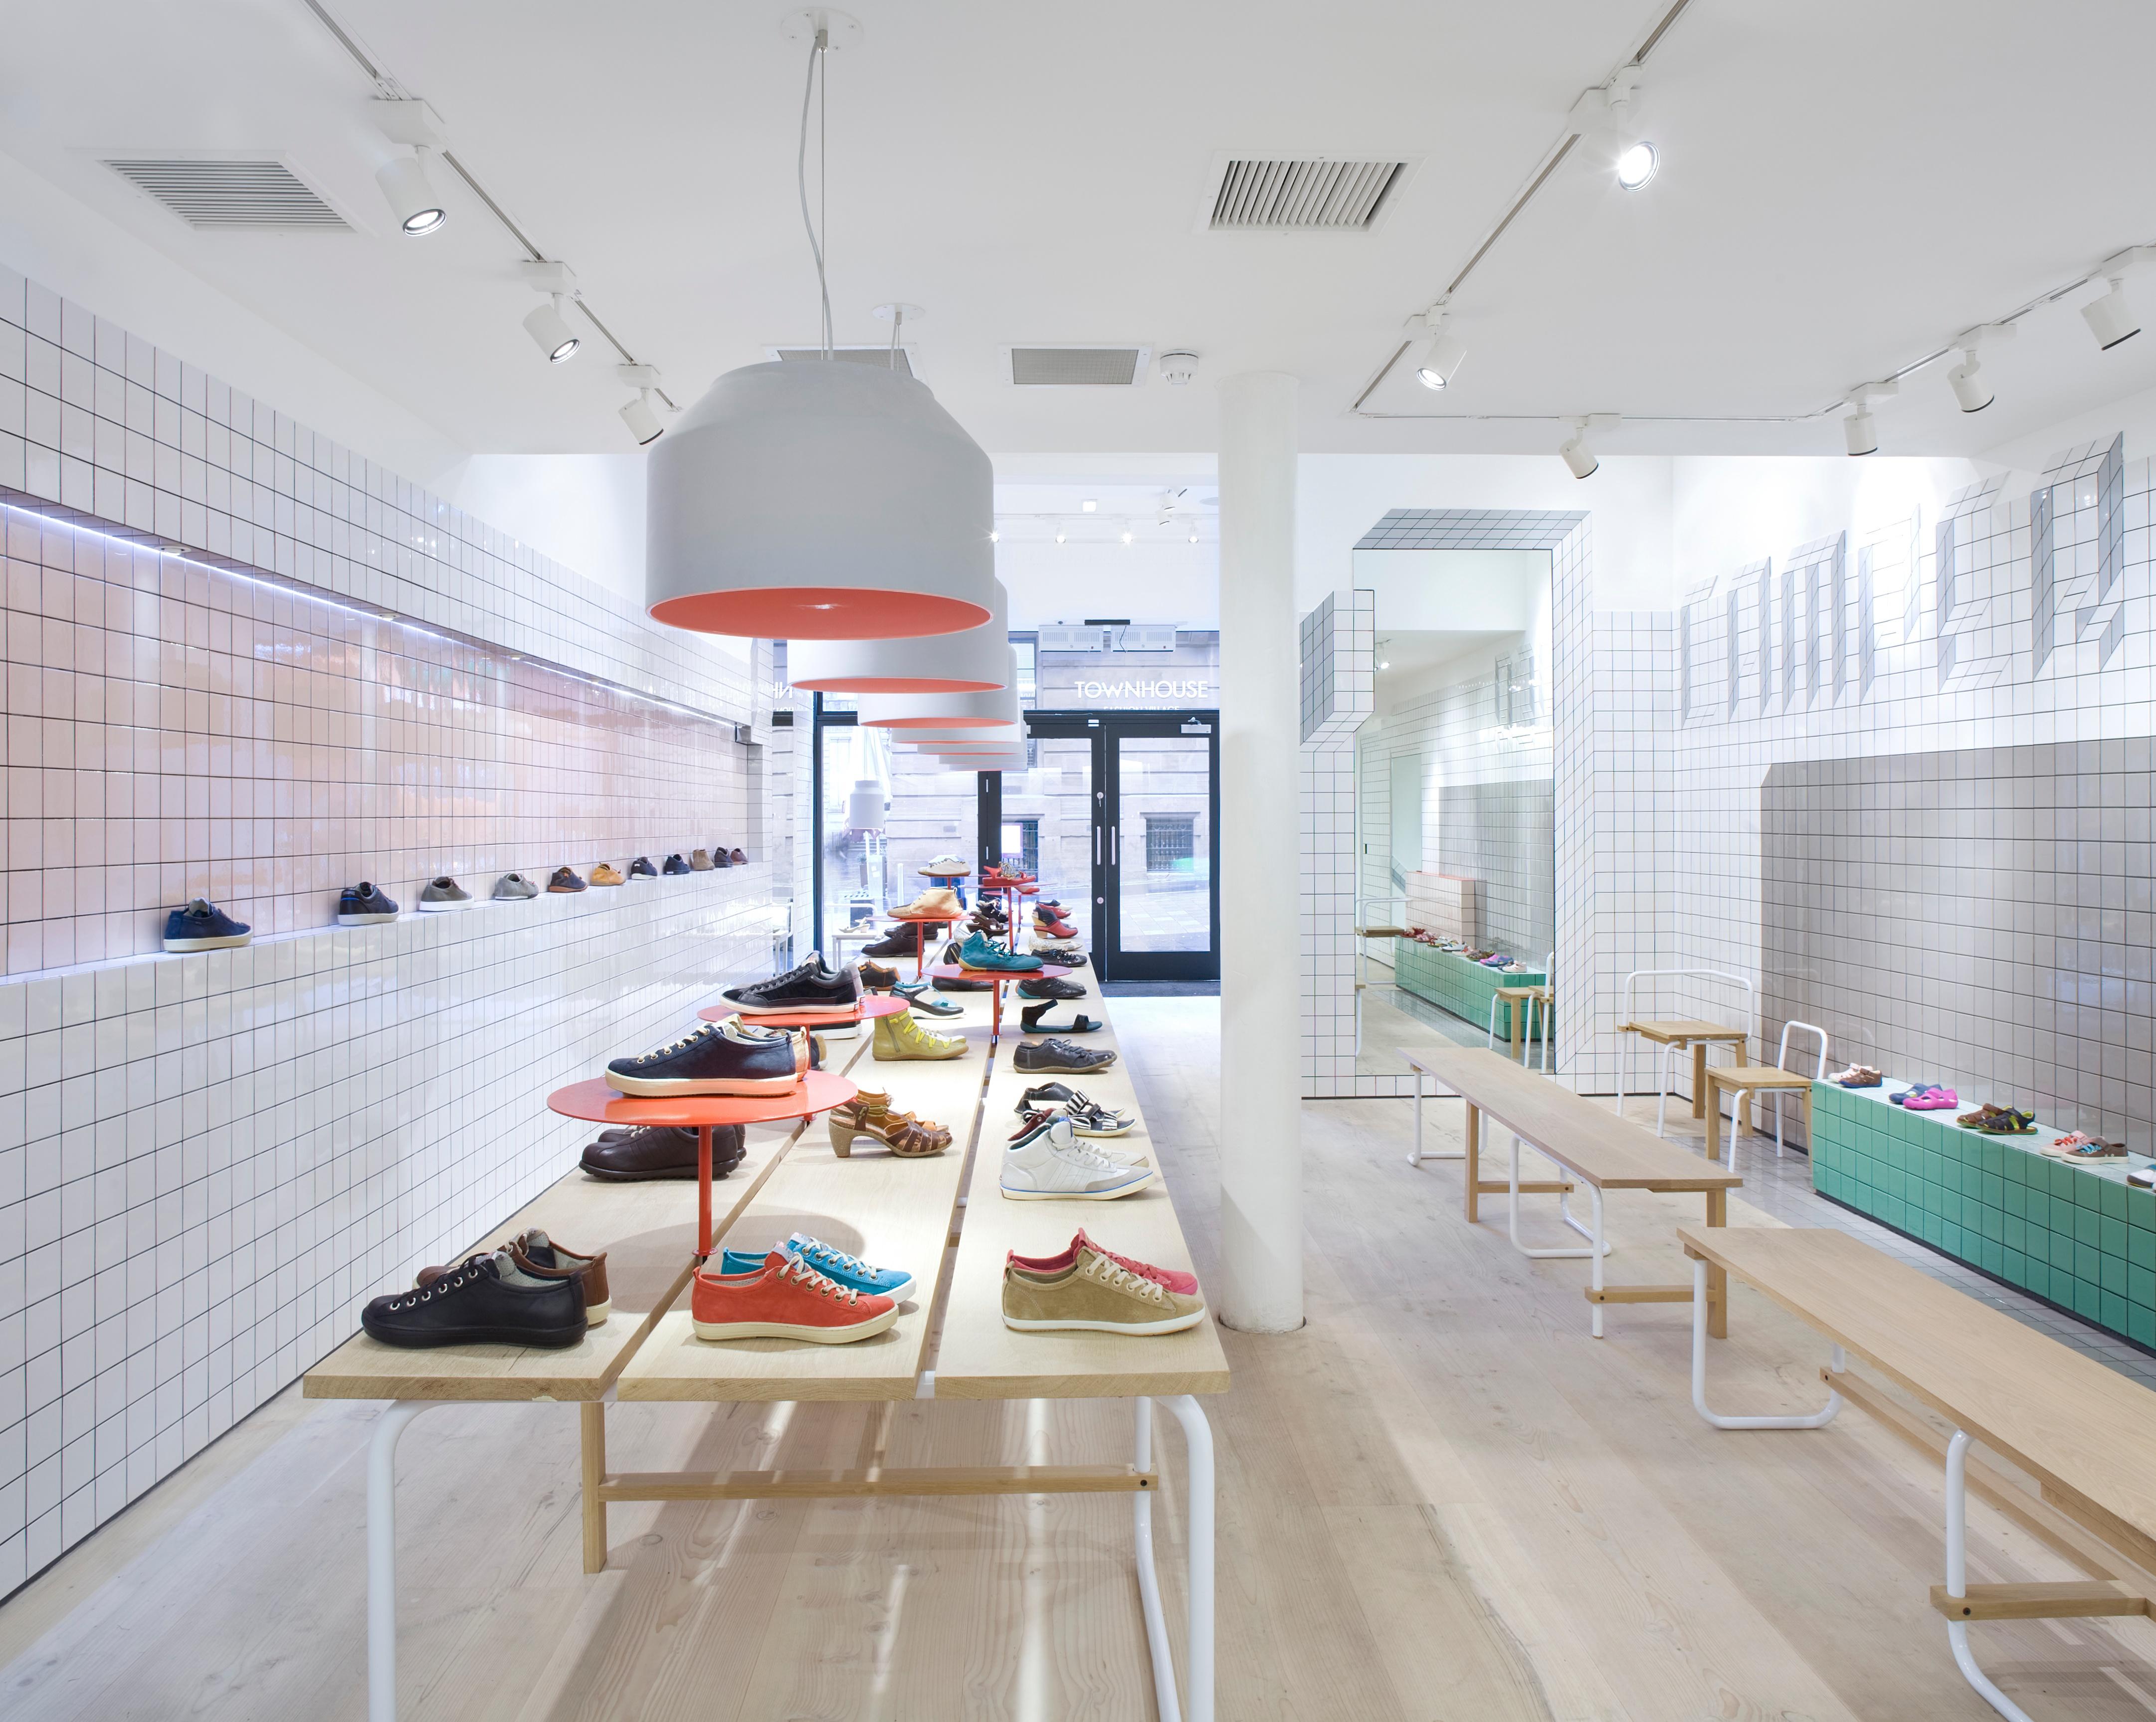 5 maneras para llamar la atenci n grupo ias for Diseno de interiores locales comerciales